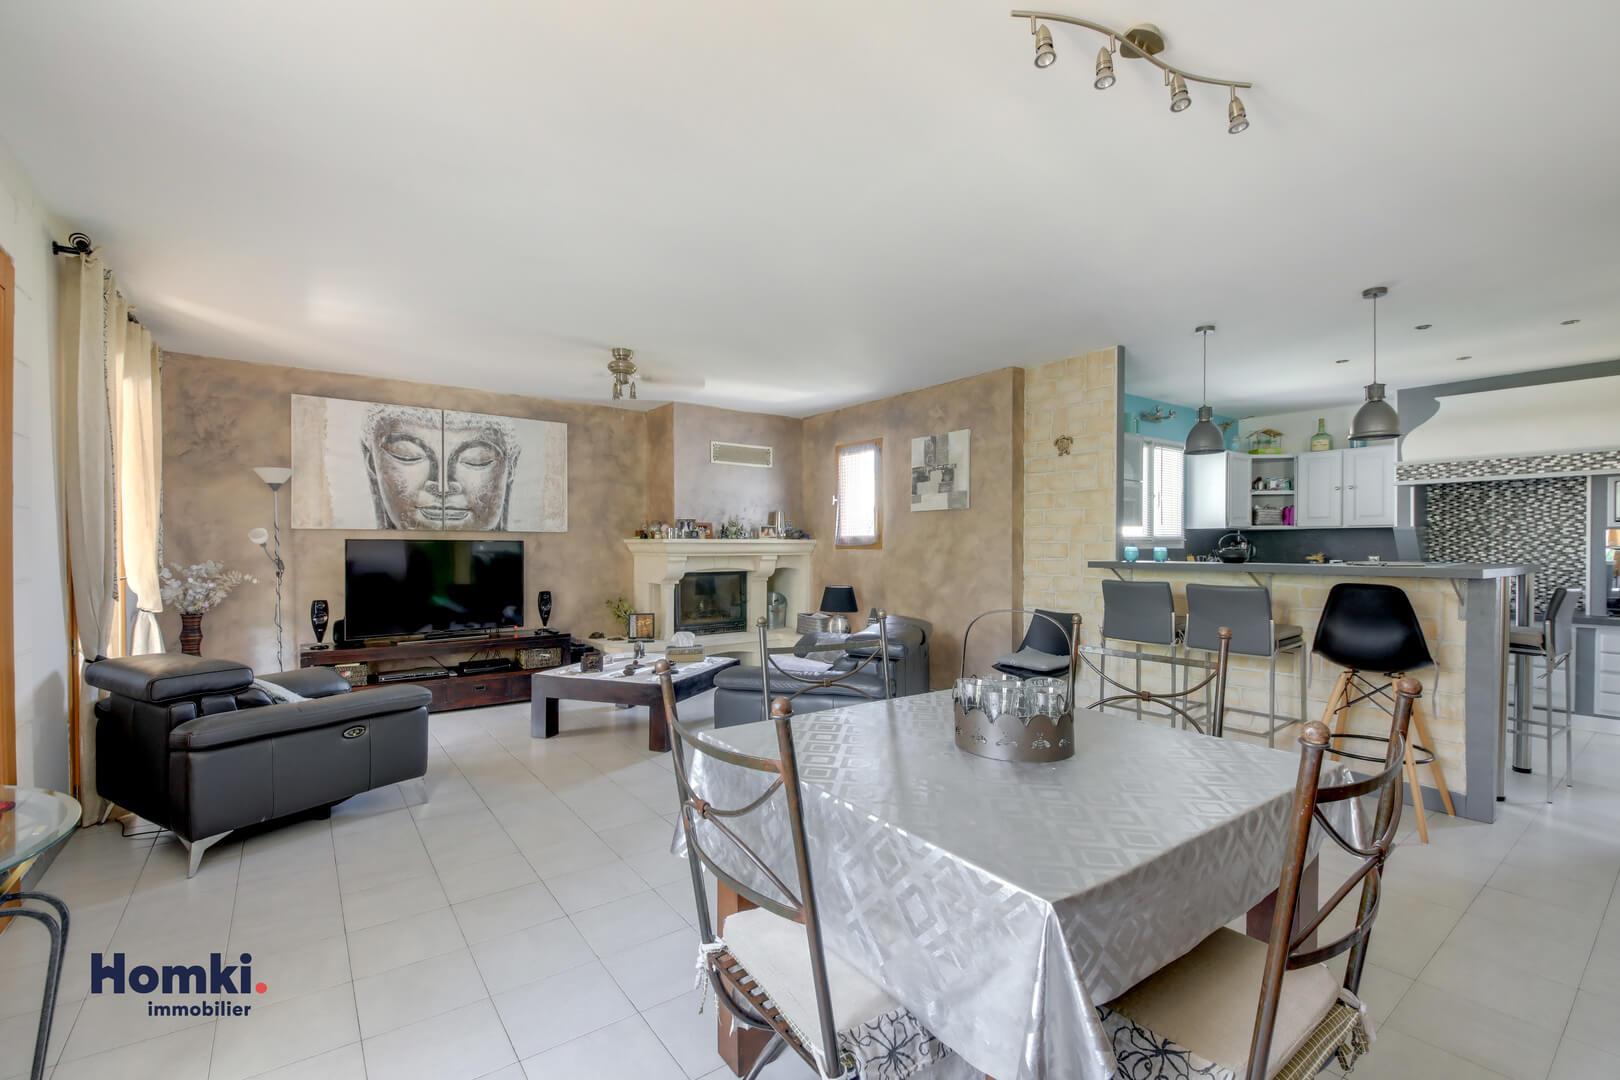 Vente maison villa Marseille Olives 13014 T6_3